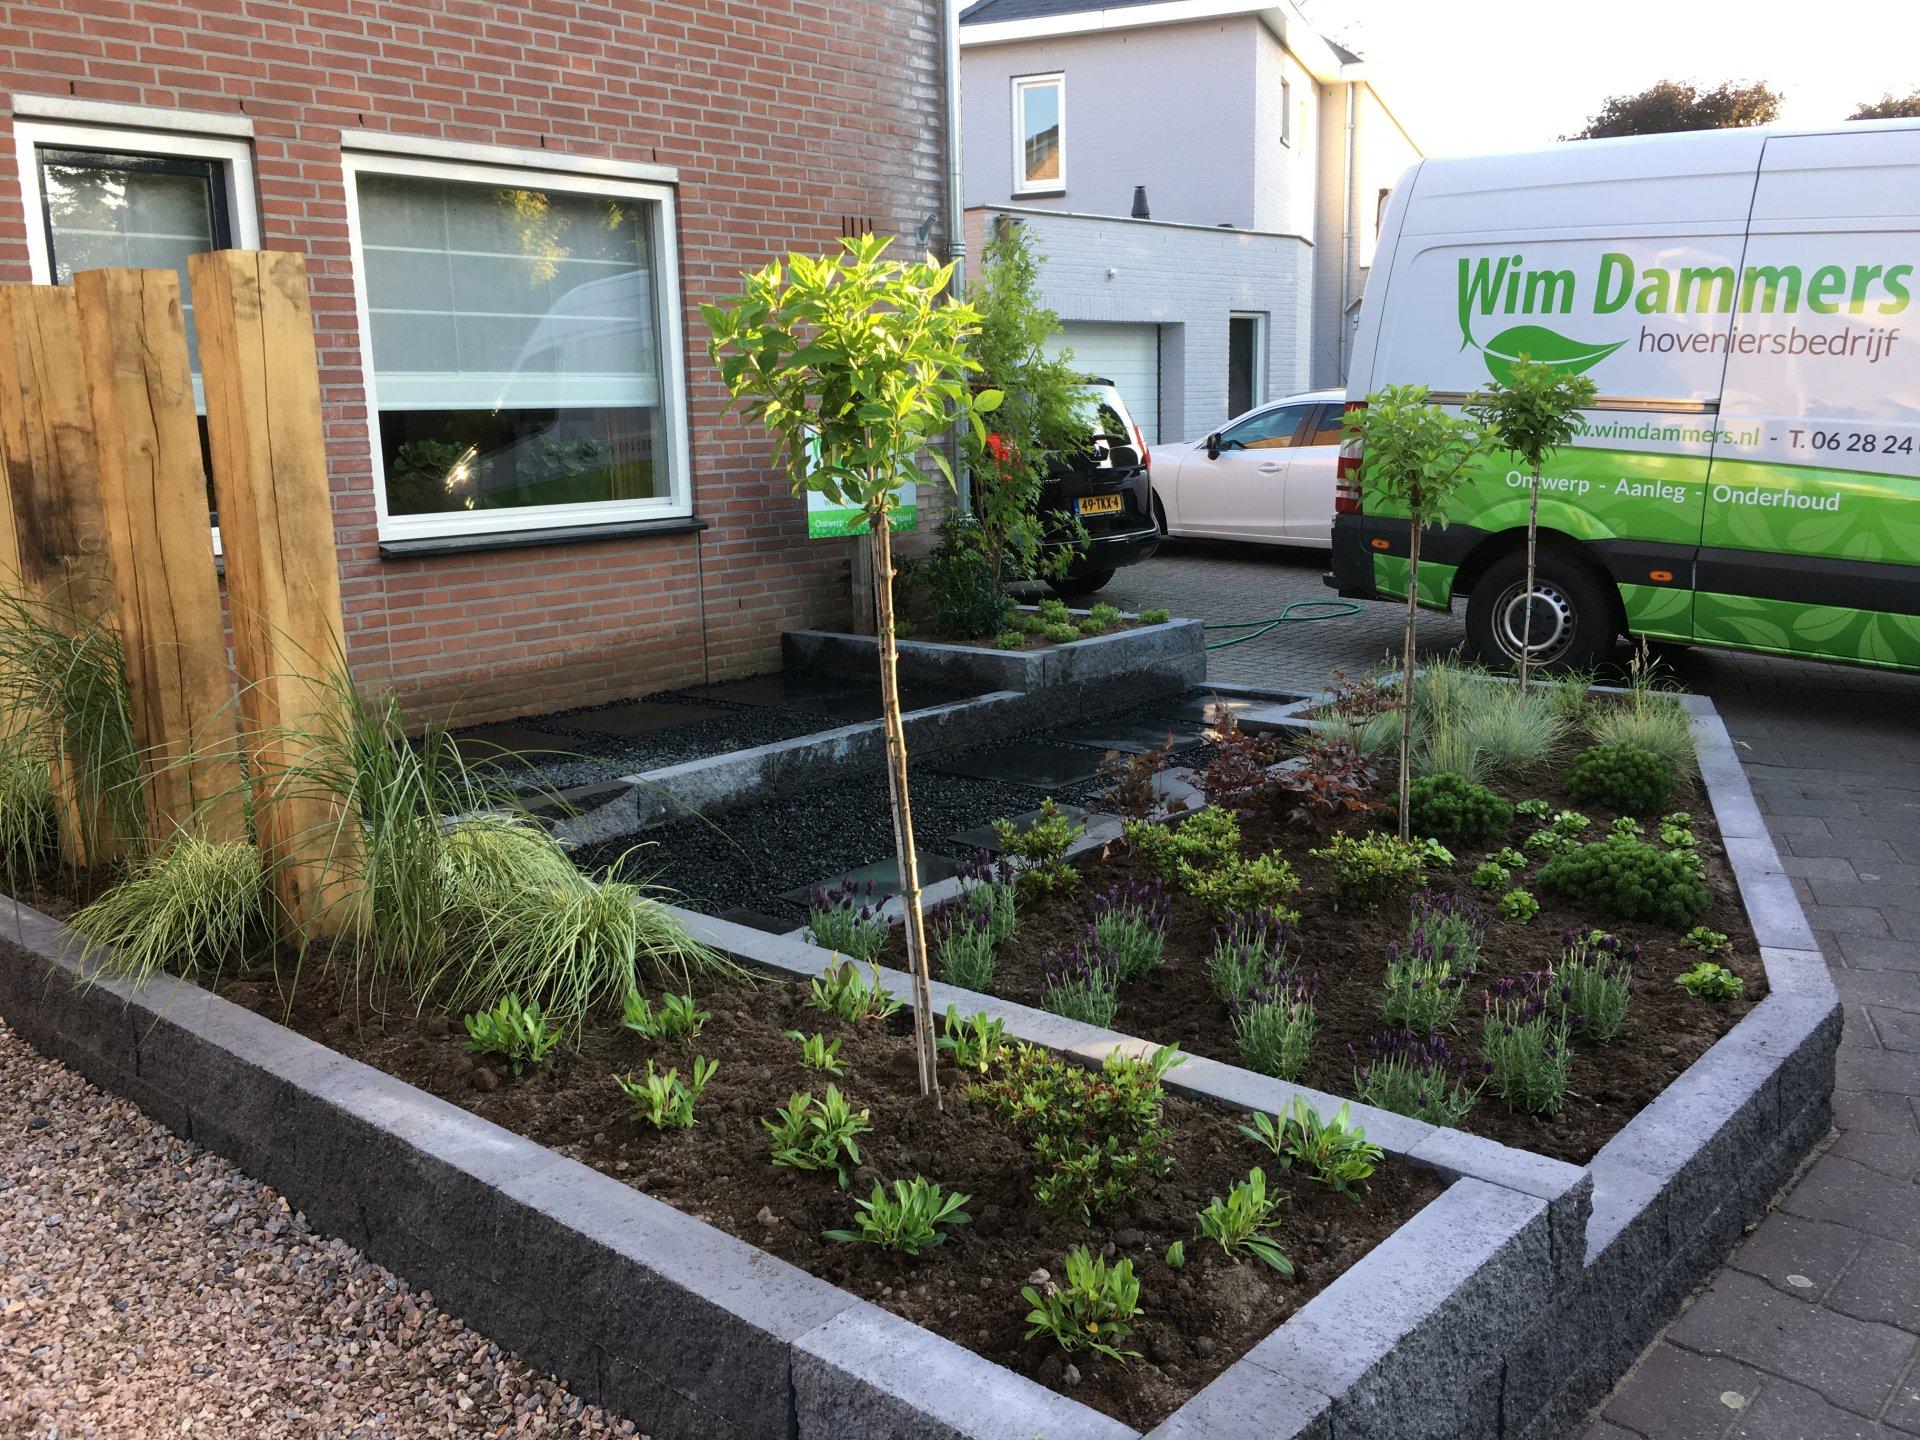 Aanleg voortuin overloon wim dammers hoveniersbedrijf for Aanleg kleine tuin